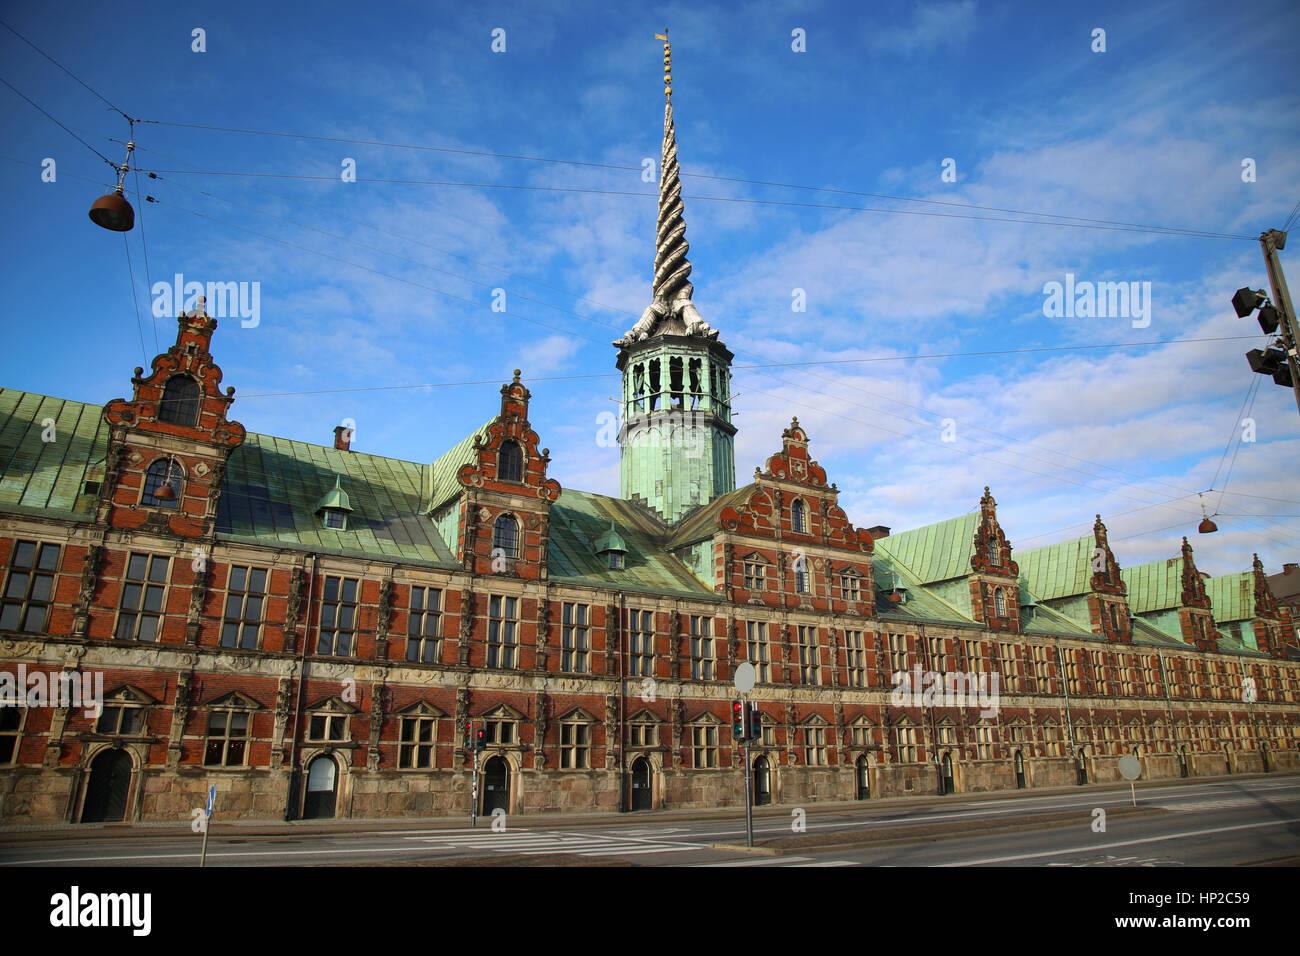 The Borsen, Oldest Building in Slotsholmen, in Copenhagen, Denmark - Stock Image